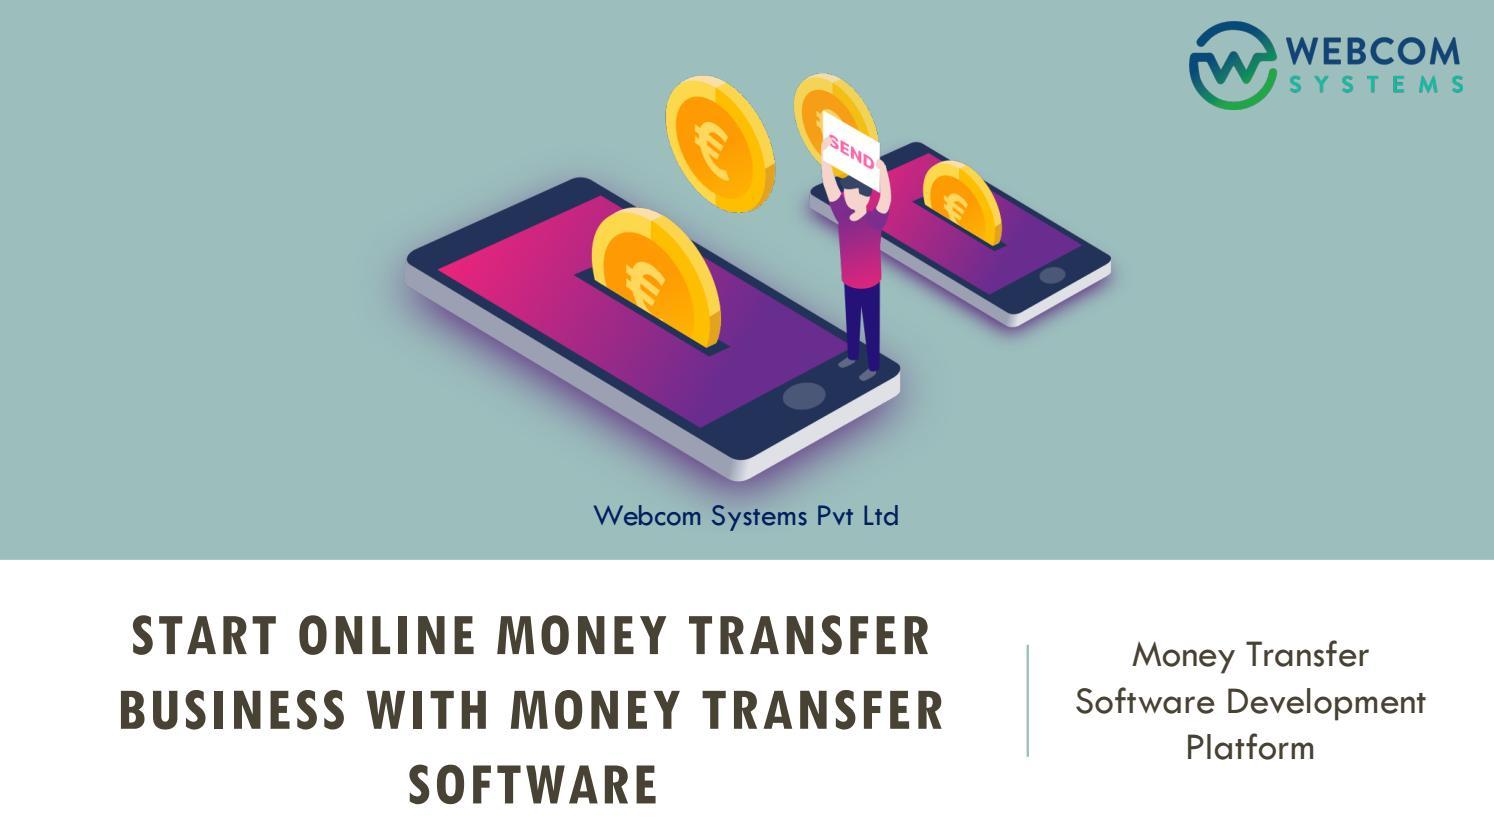 Start Online Money Transfer Business